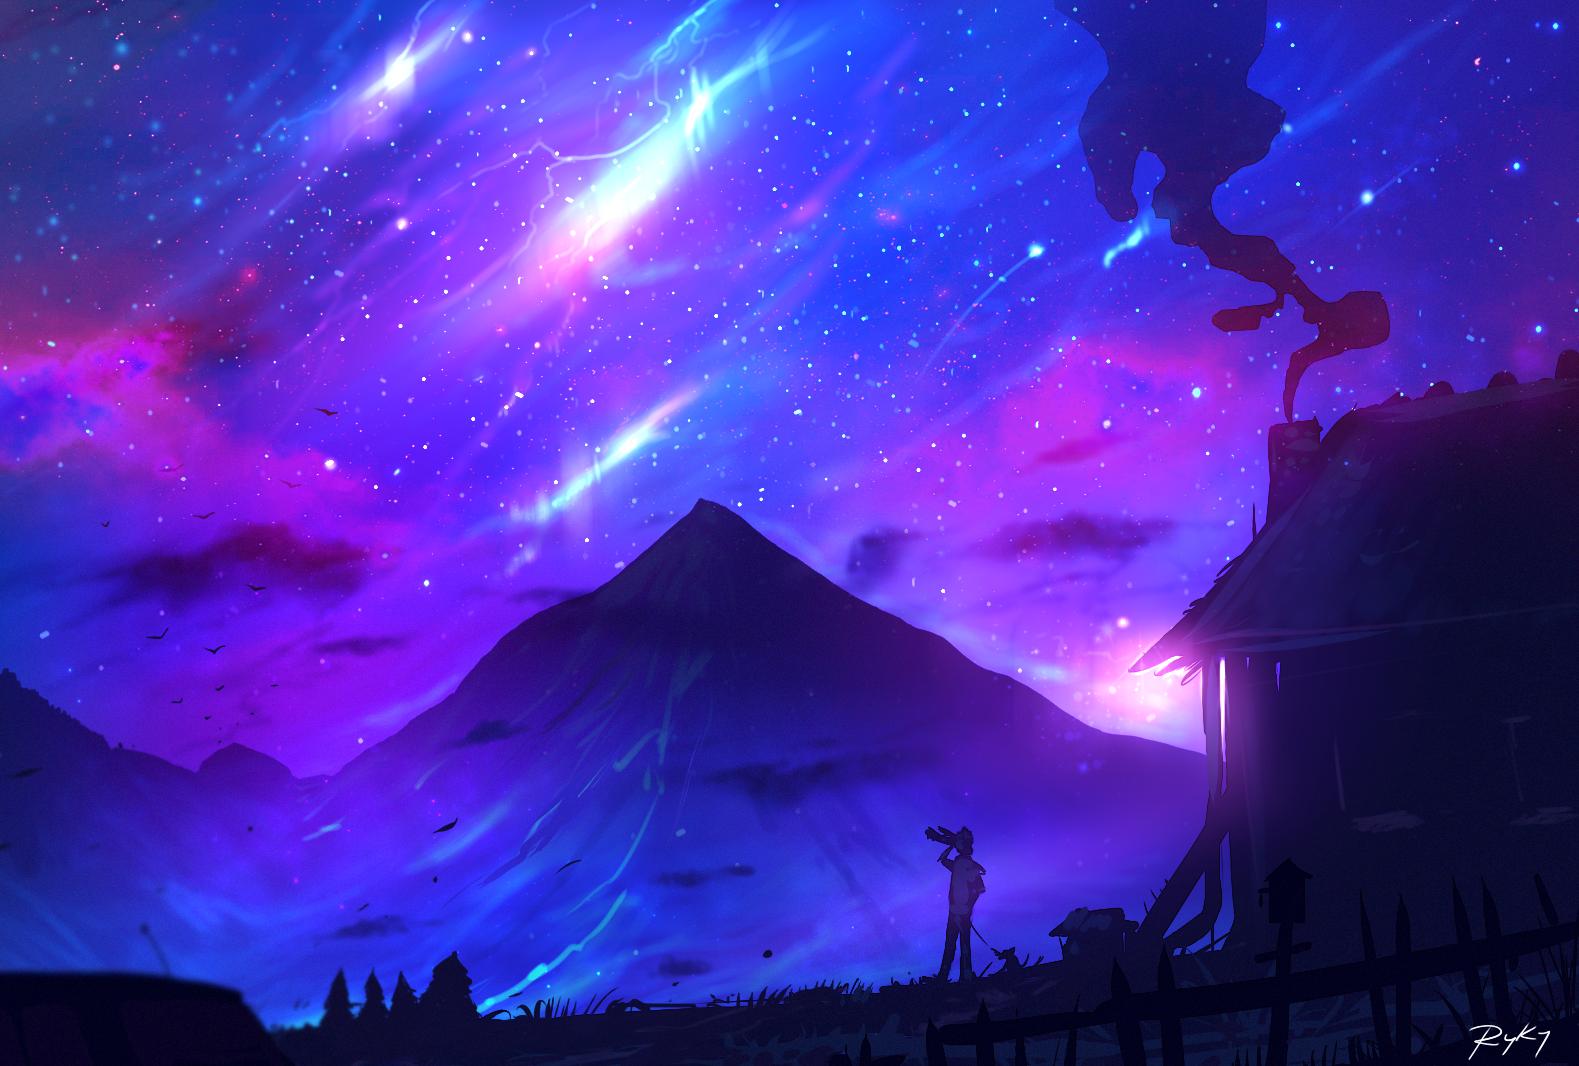 blue purple sky desktop wallpaper - photo #27